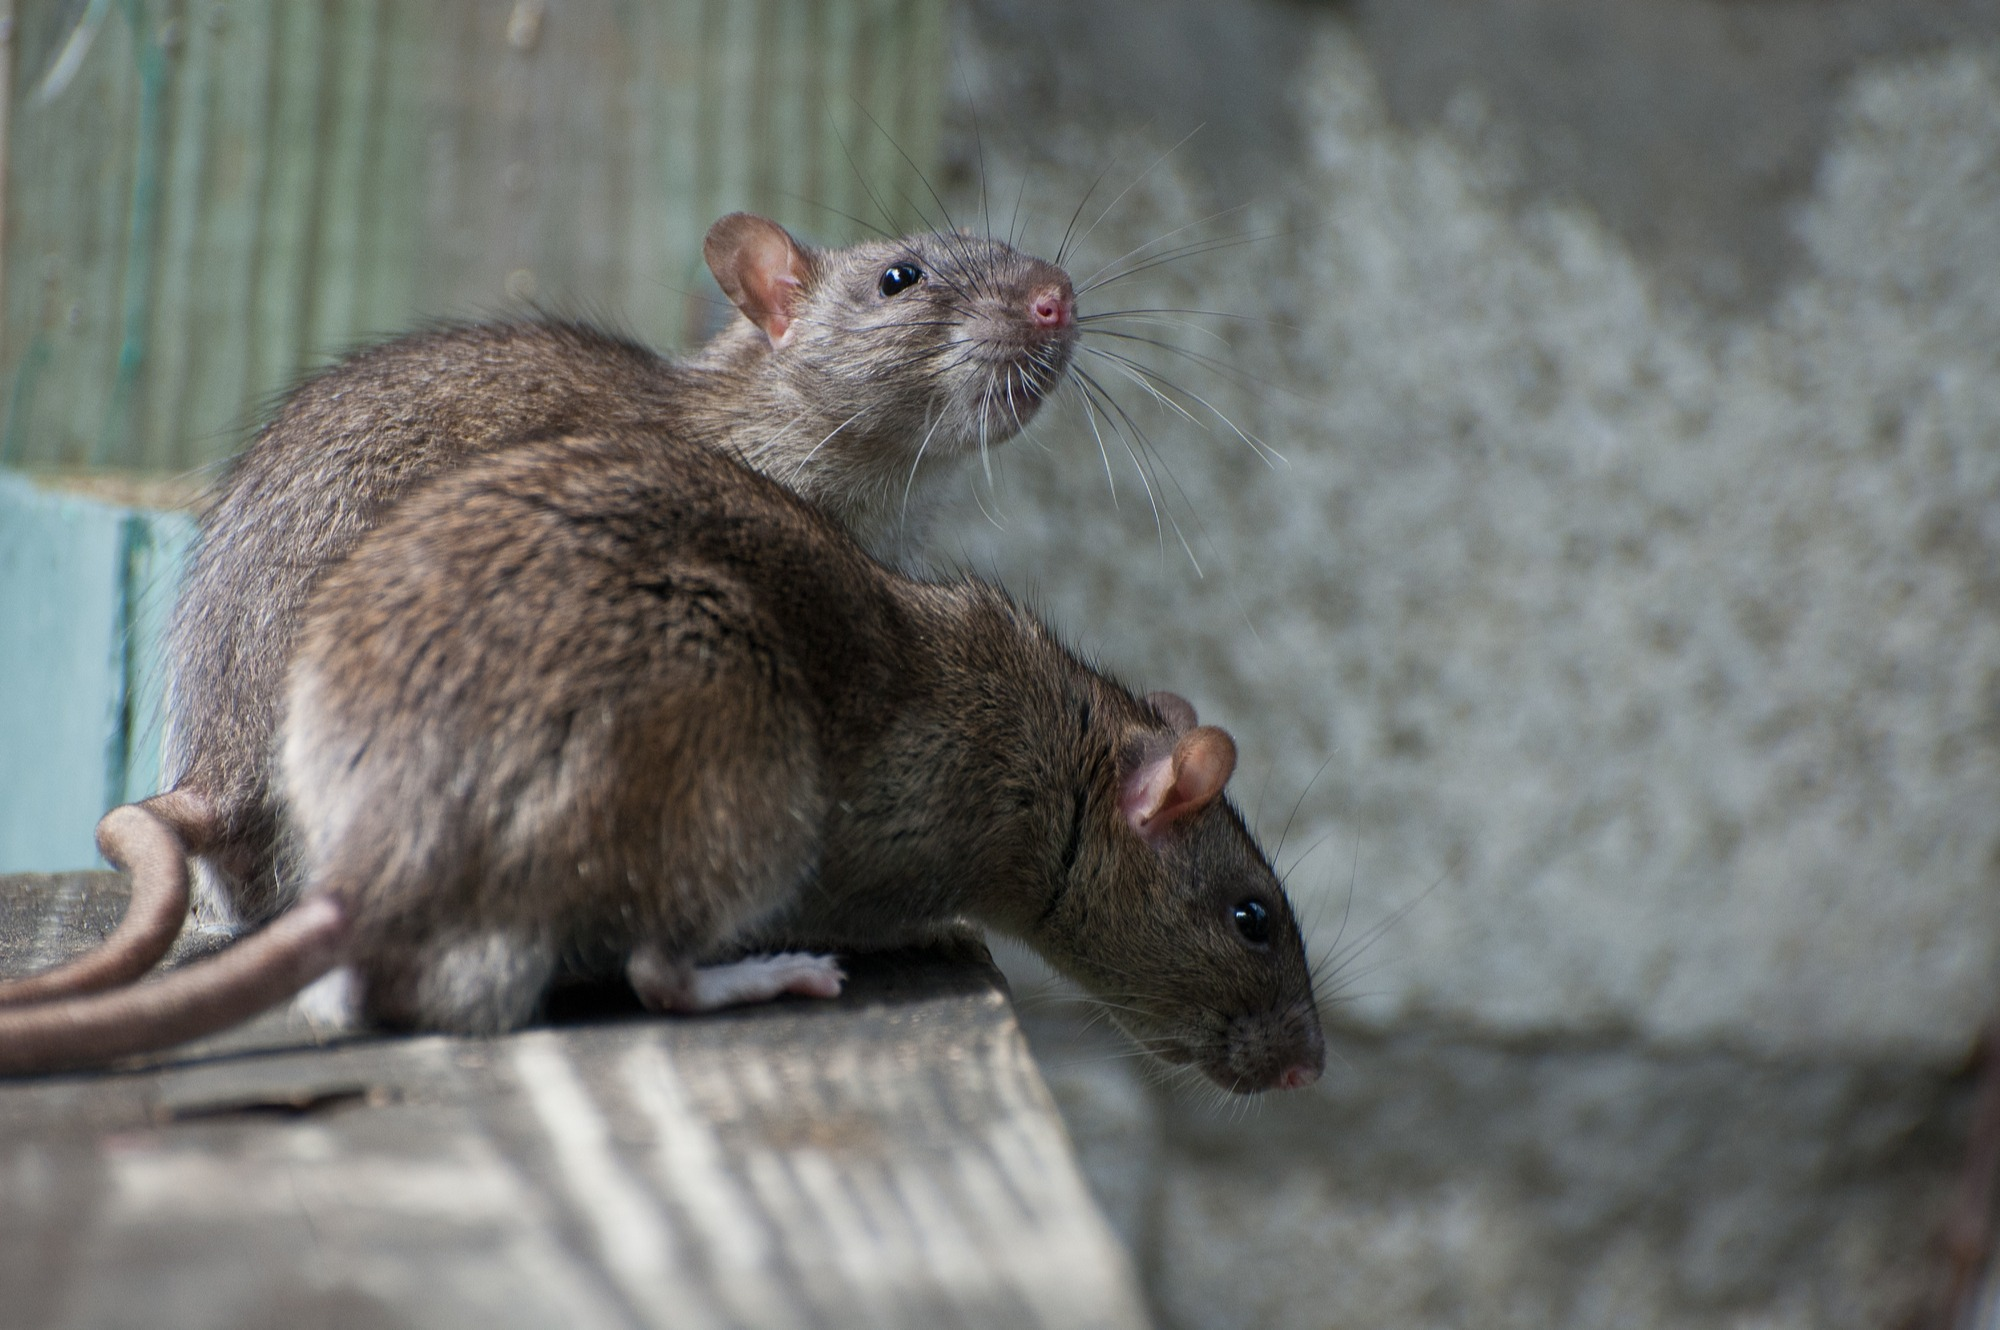 Rat guide